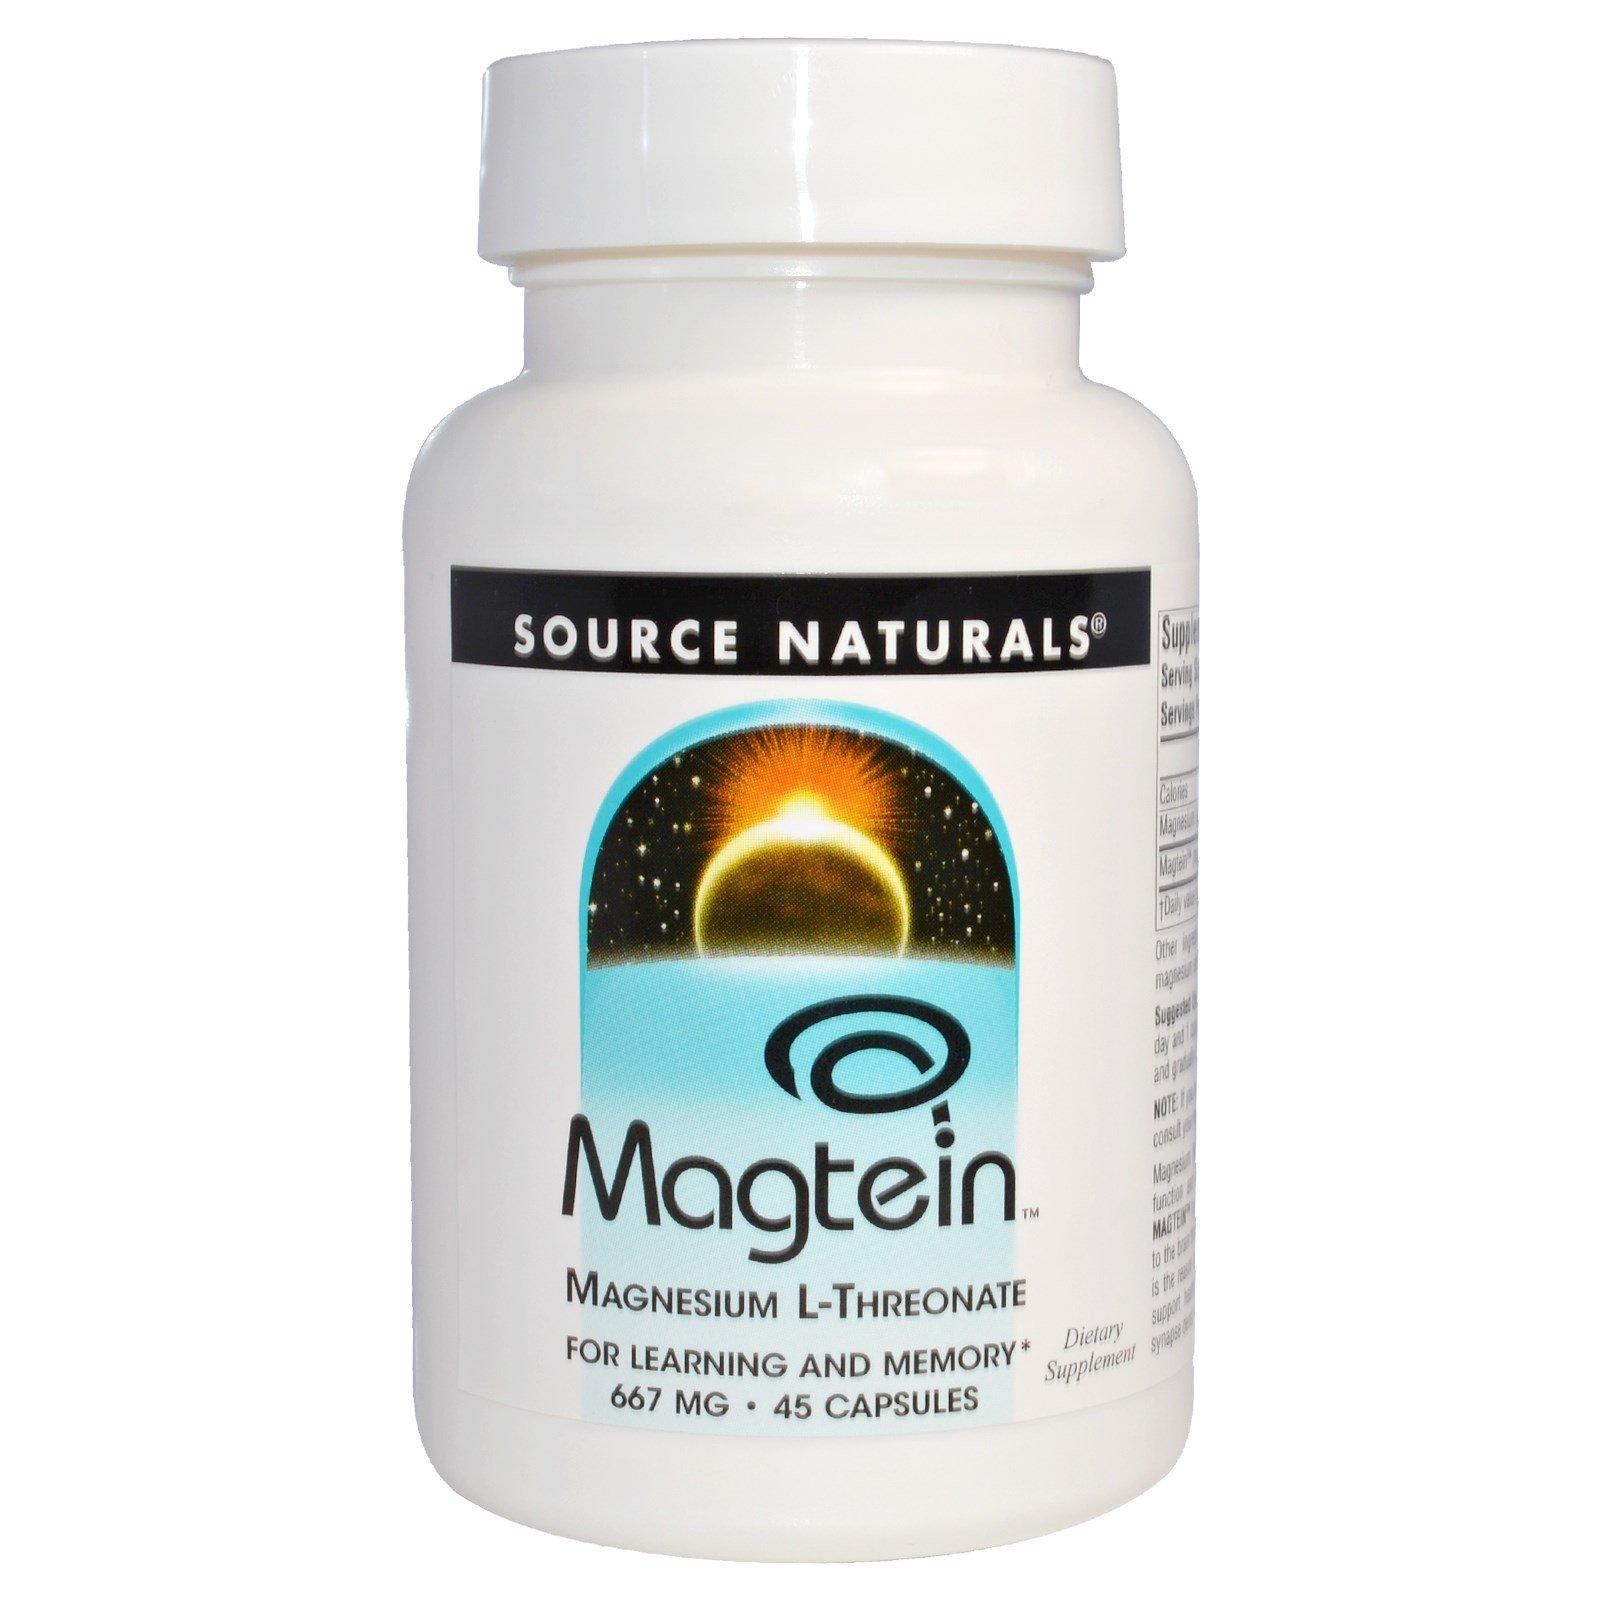 Source Naturals, Магтеин, магния L-треонат, 667 мг, 45 капсул